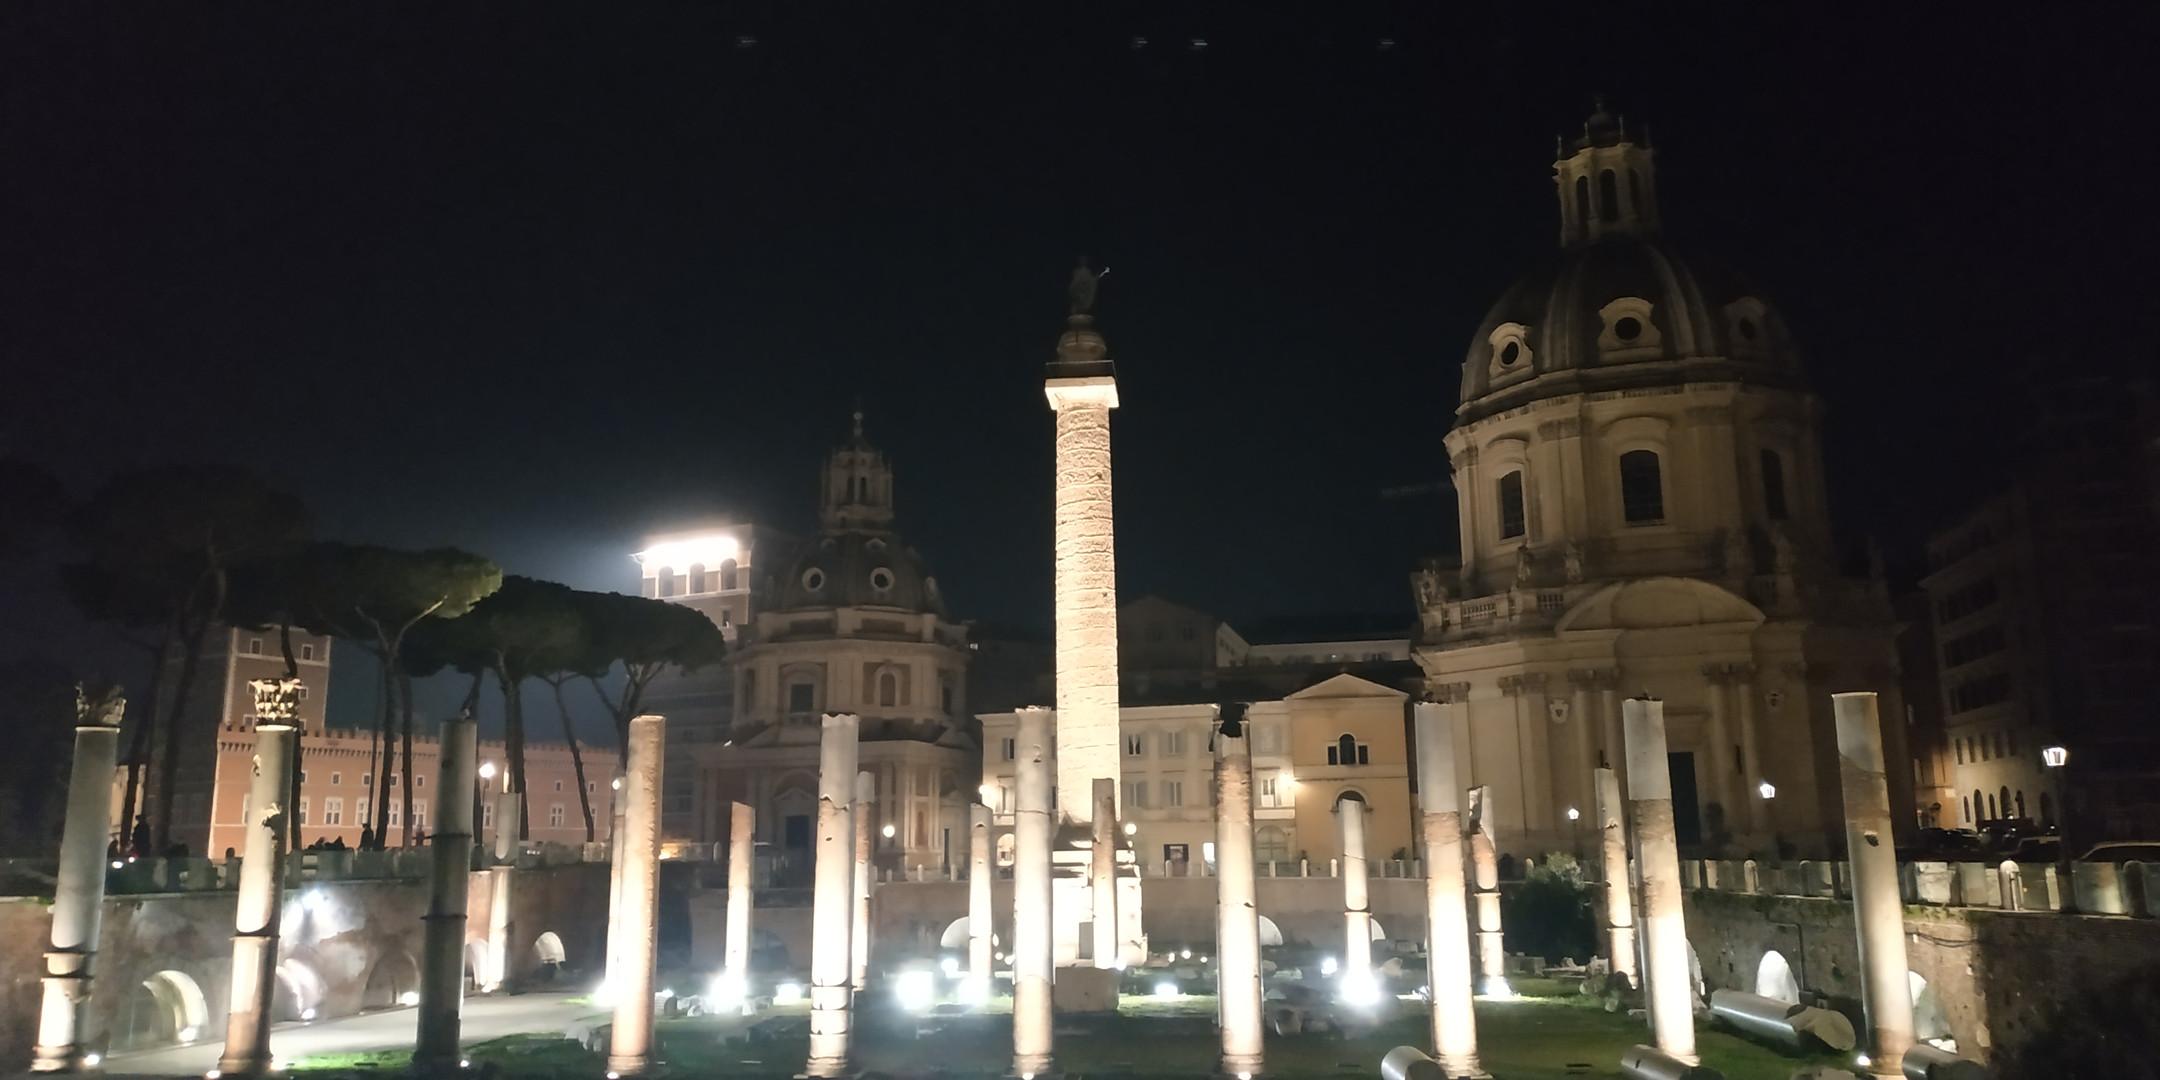 Fori Imperiali e Colonna Traiana